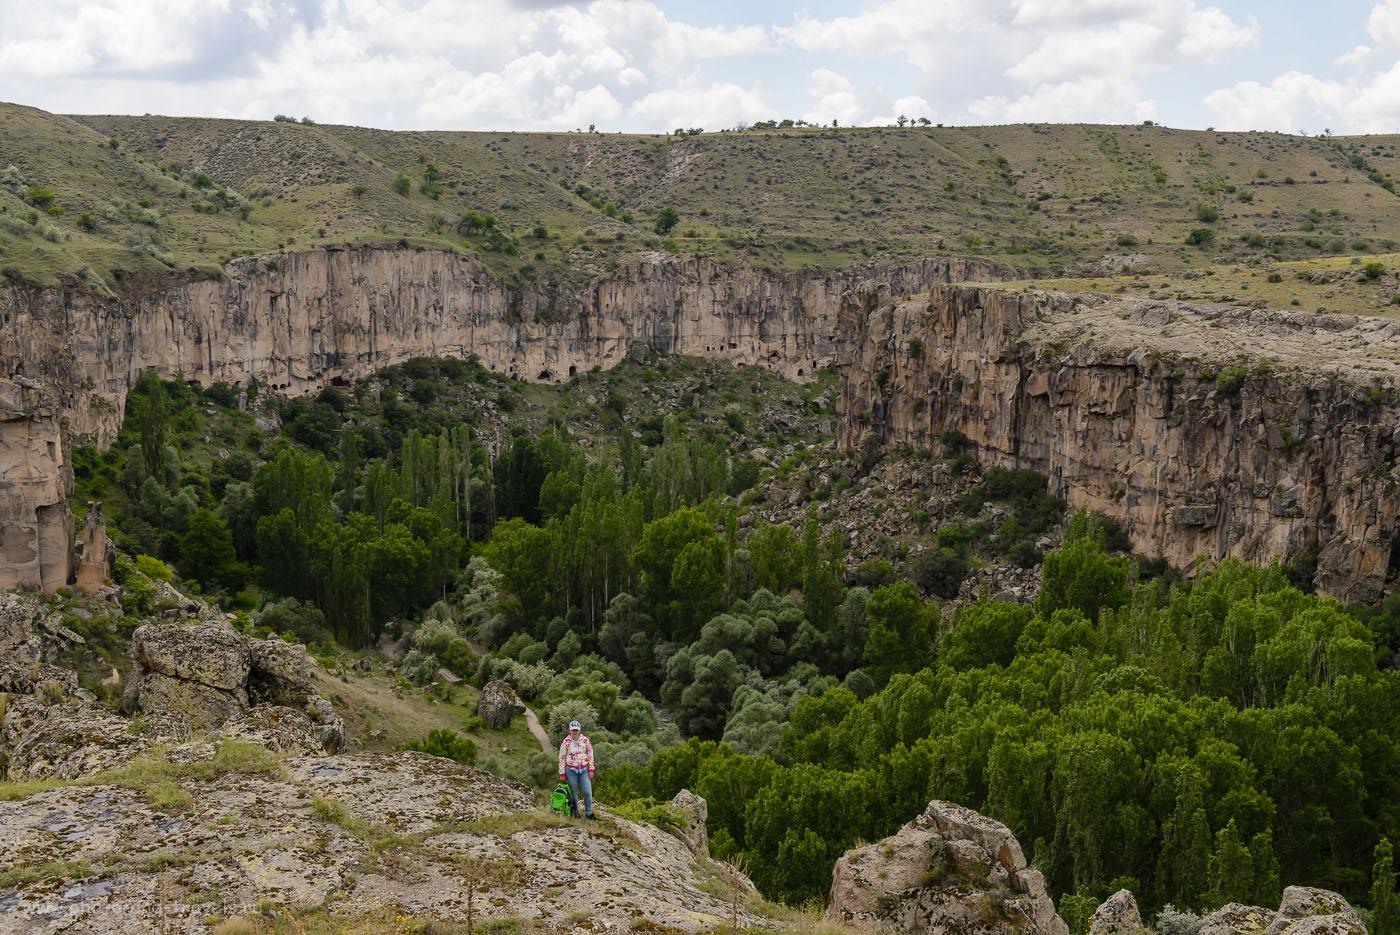 Фото 11. Такие красоты могут увидеть туристы во время экскурсии по долине Ихлара в Каппадокии. Отчеты путешественников о поездке по Турции на авто. 1/400, -1.67, 8.0, 320, 40.